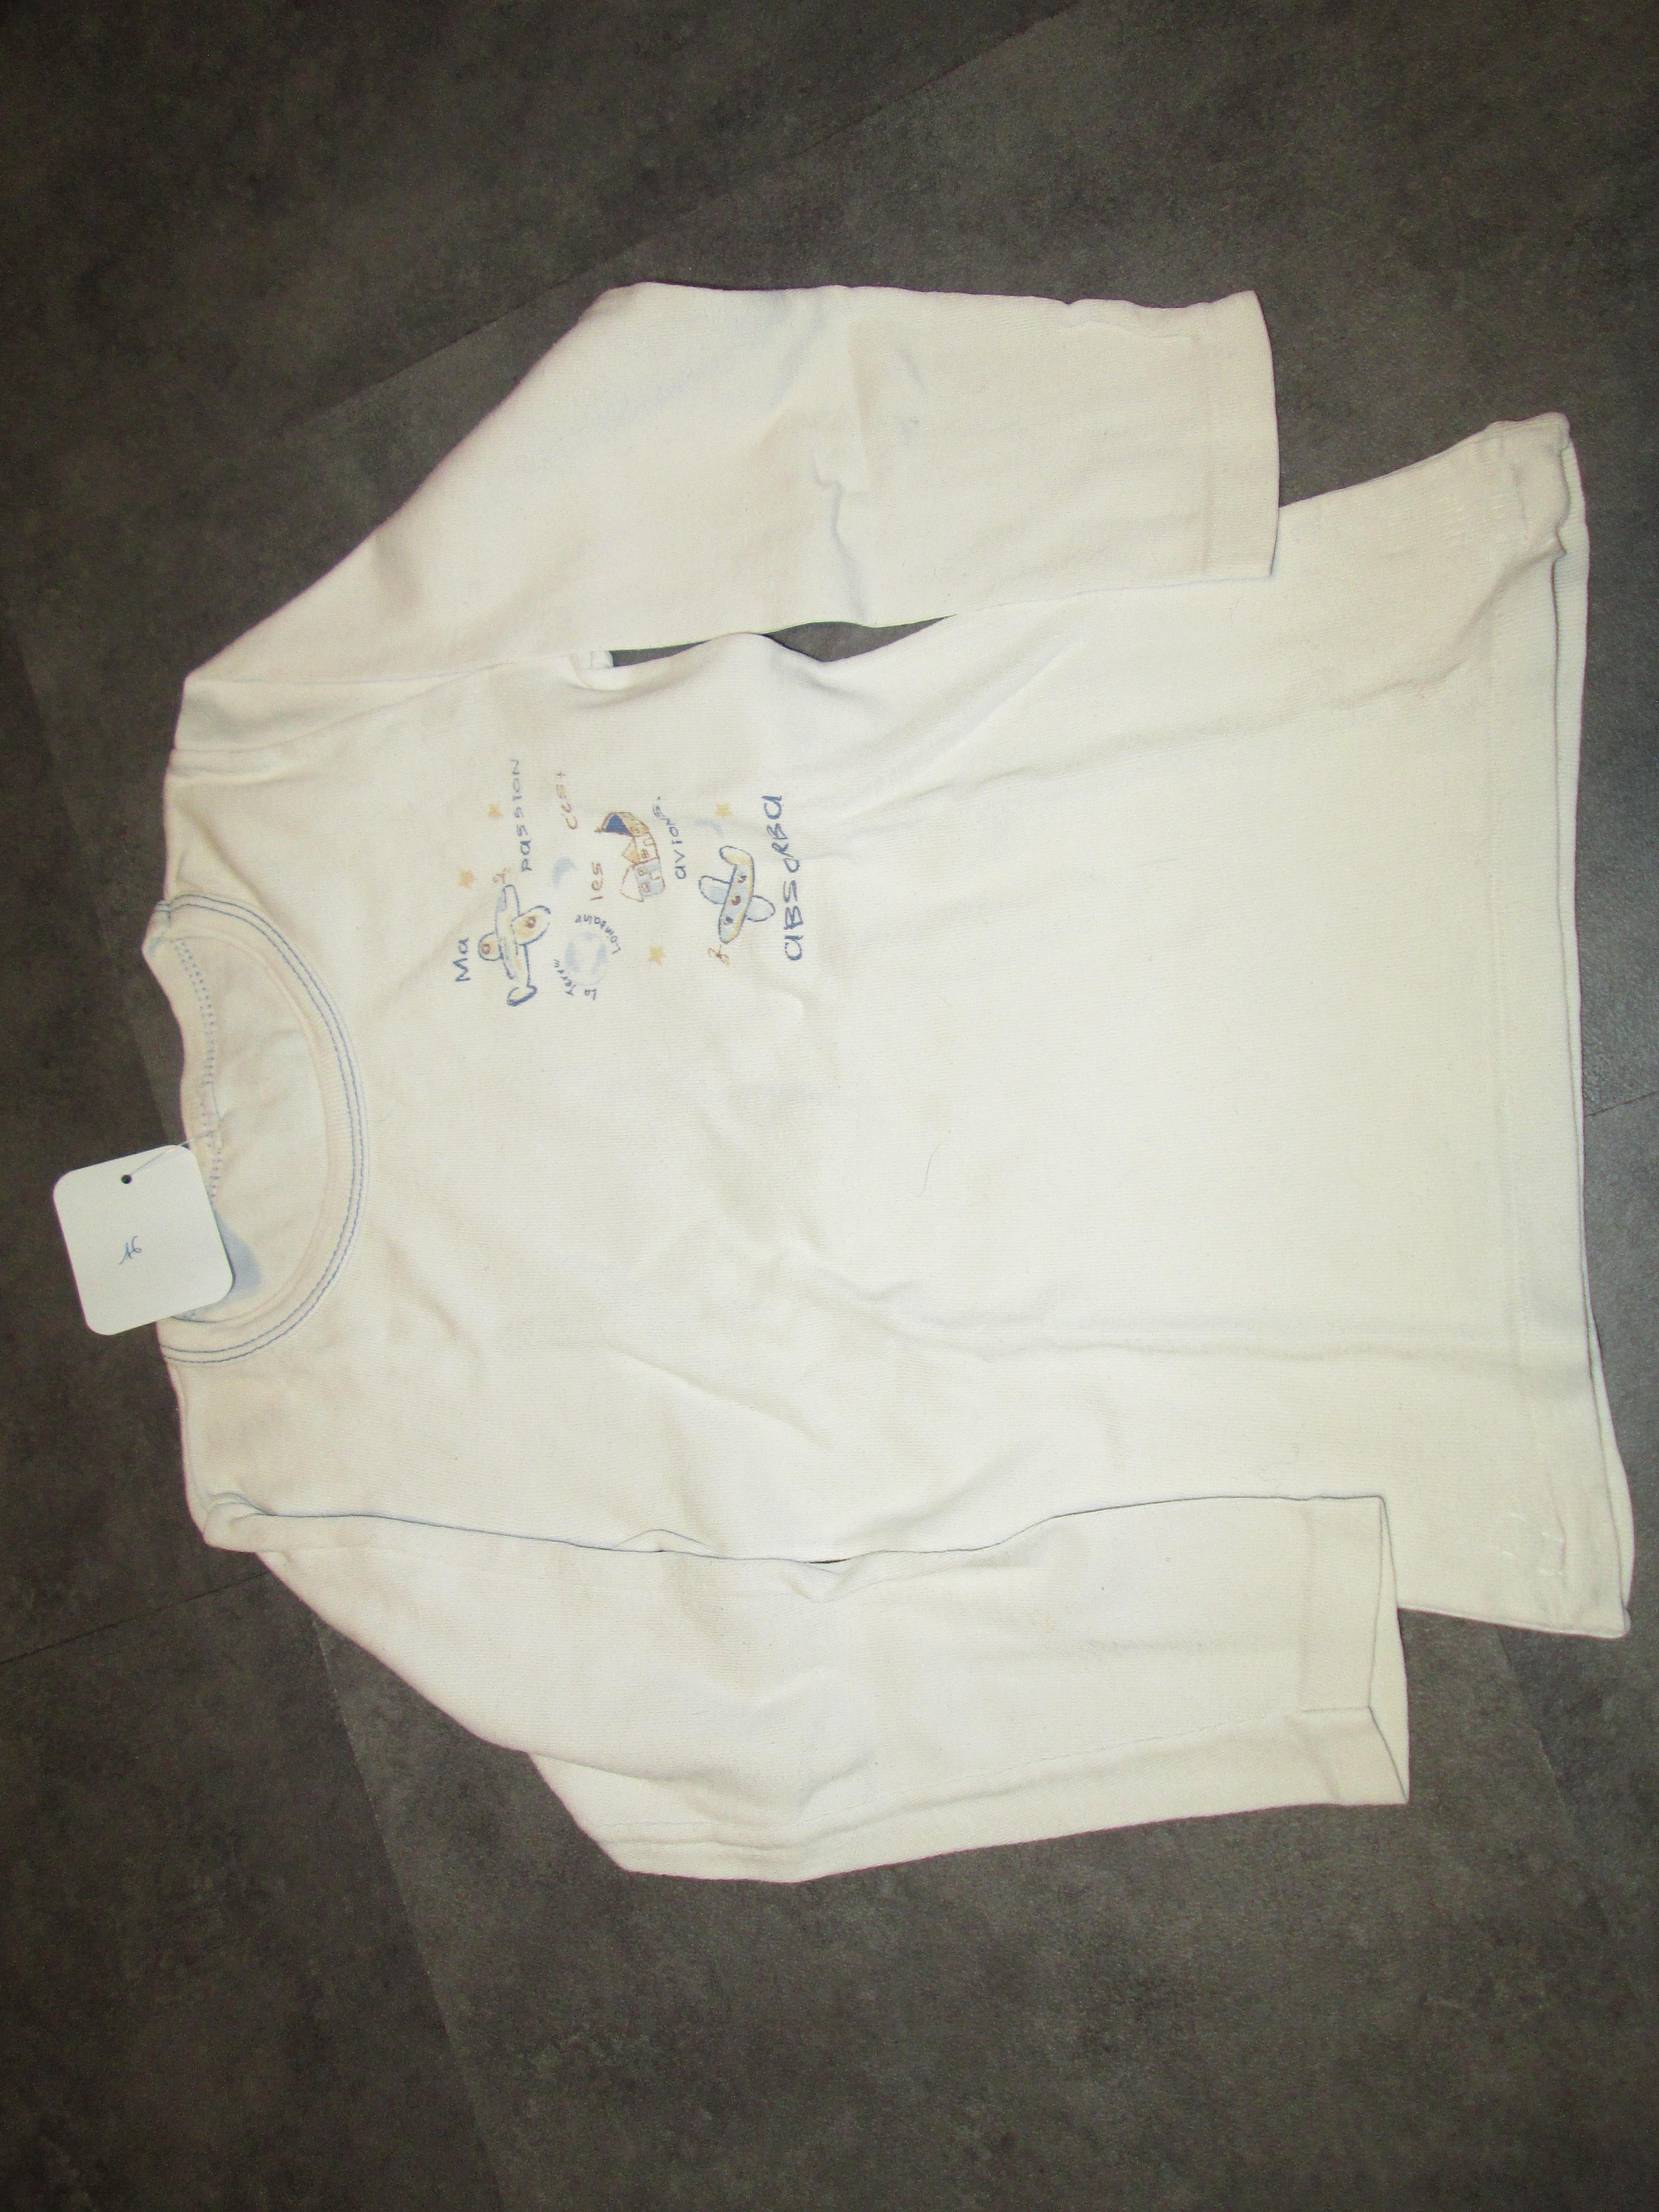 troc de troc petite chemise 3 ans  3 noisettes image 0